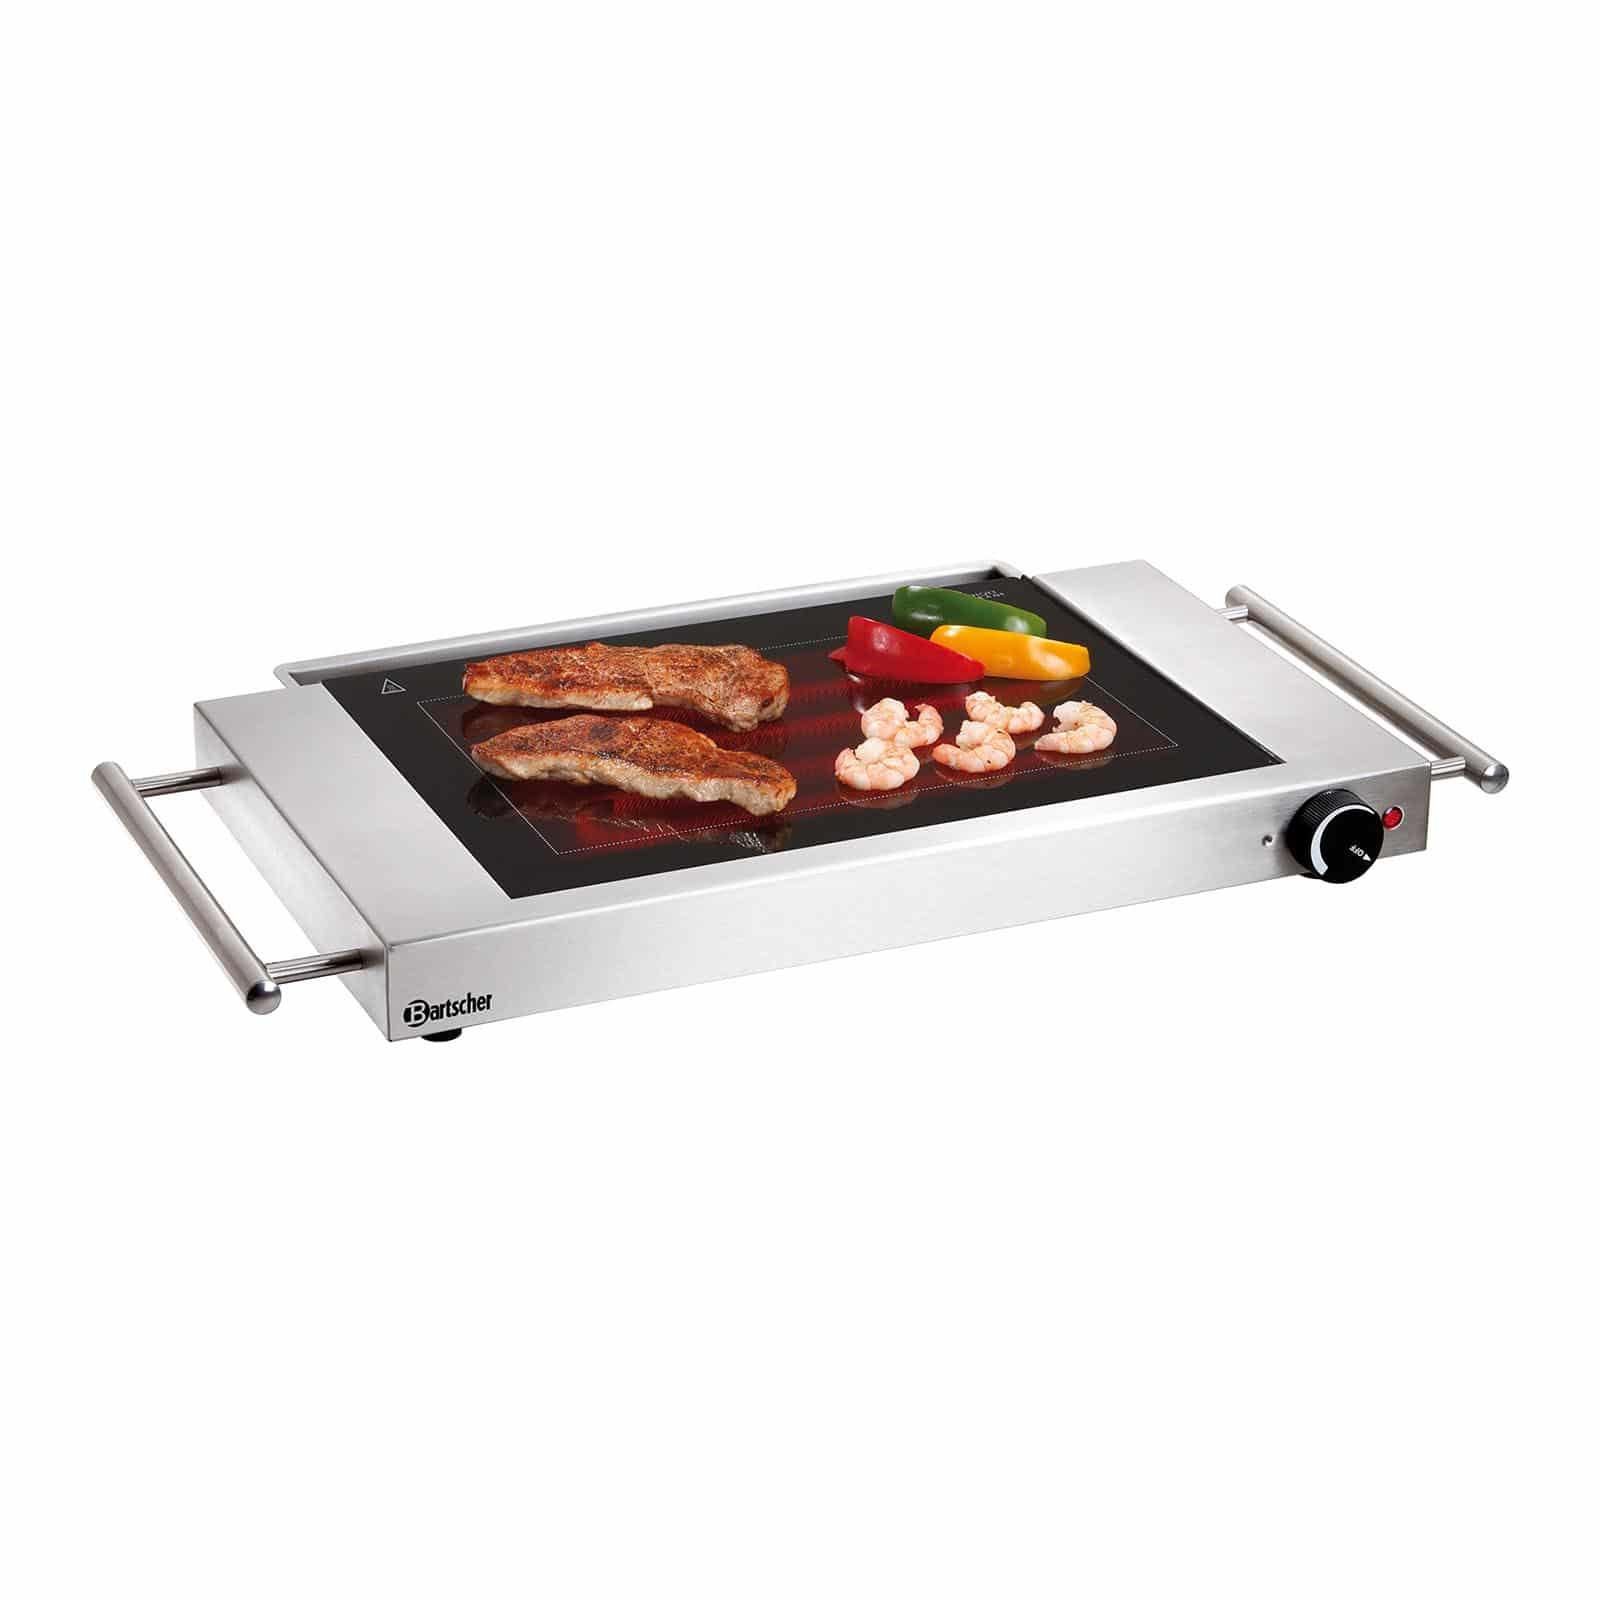 Ceran-grill